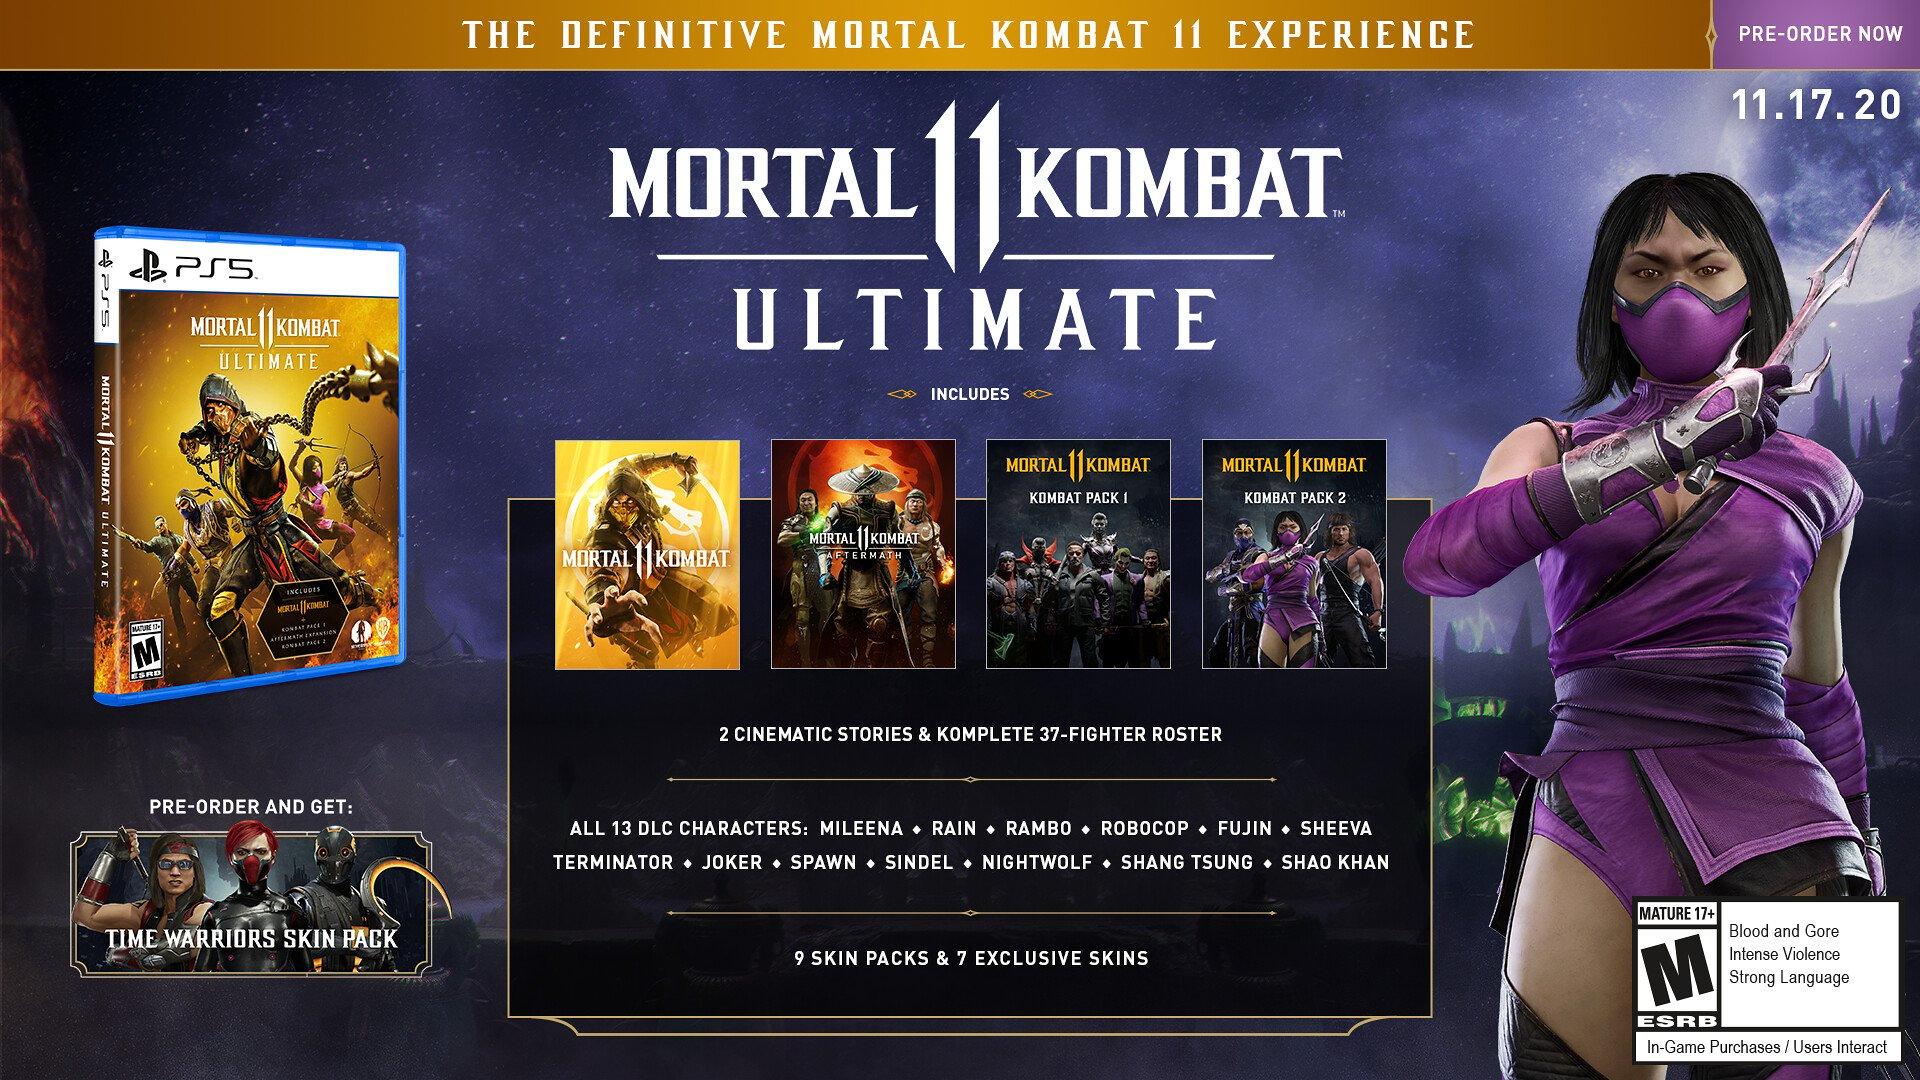 Jogos: Mortal Kombat 11 Ultimate e Rambo são anunciados em trailer